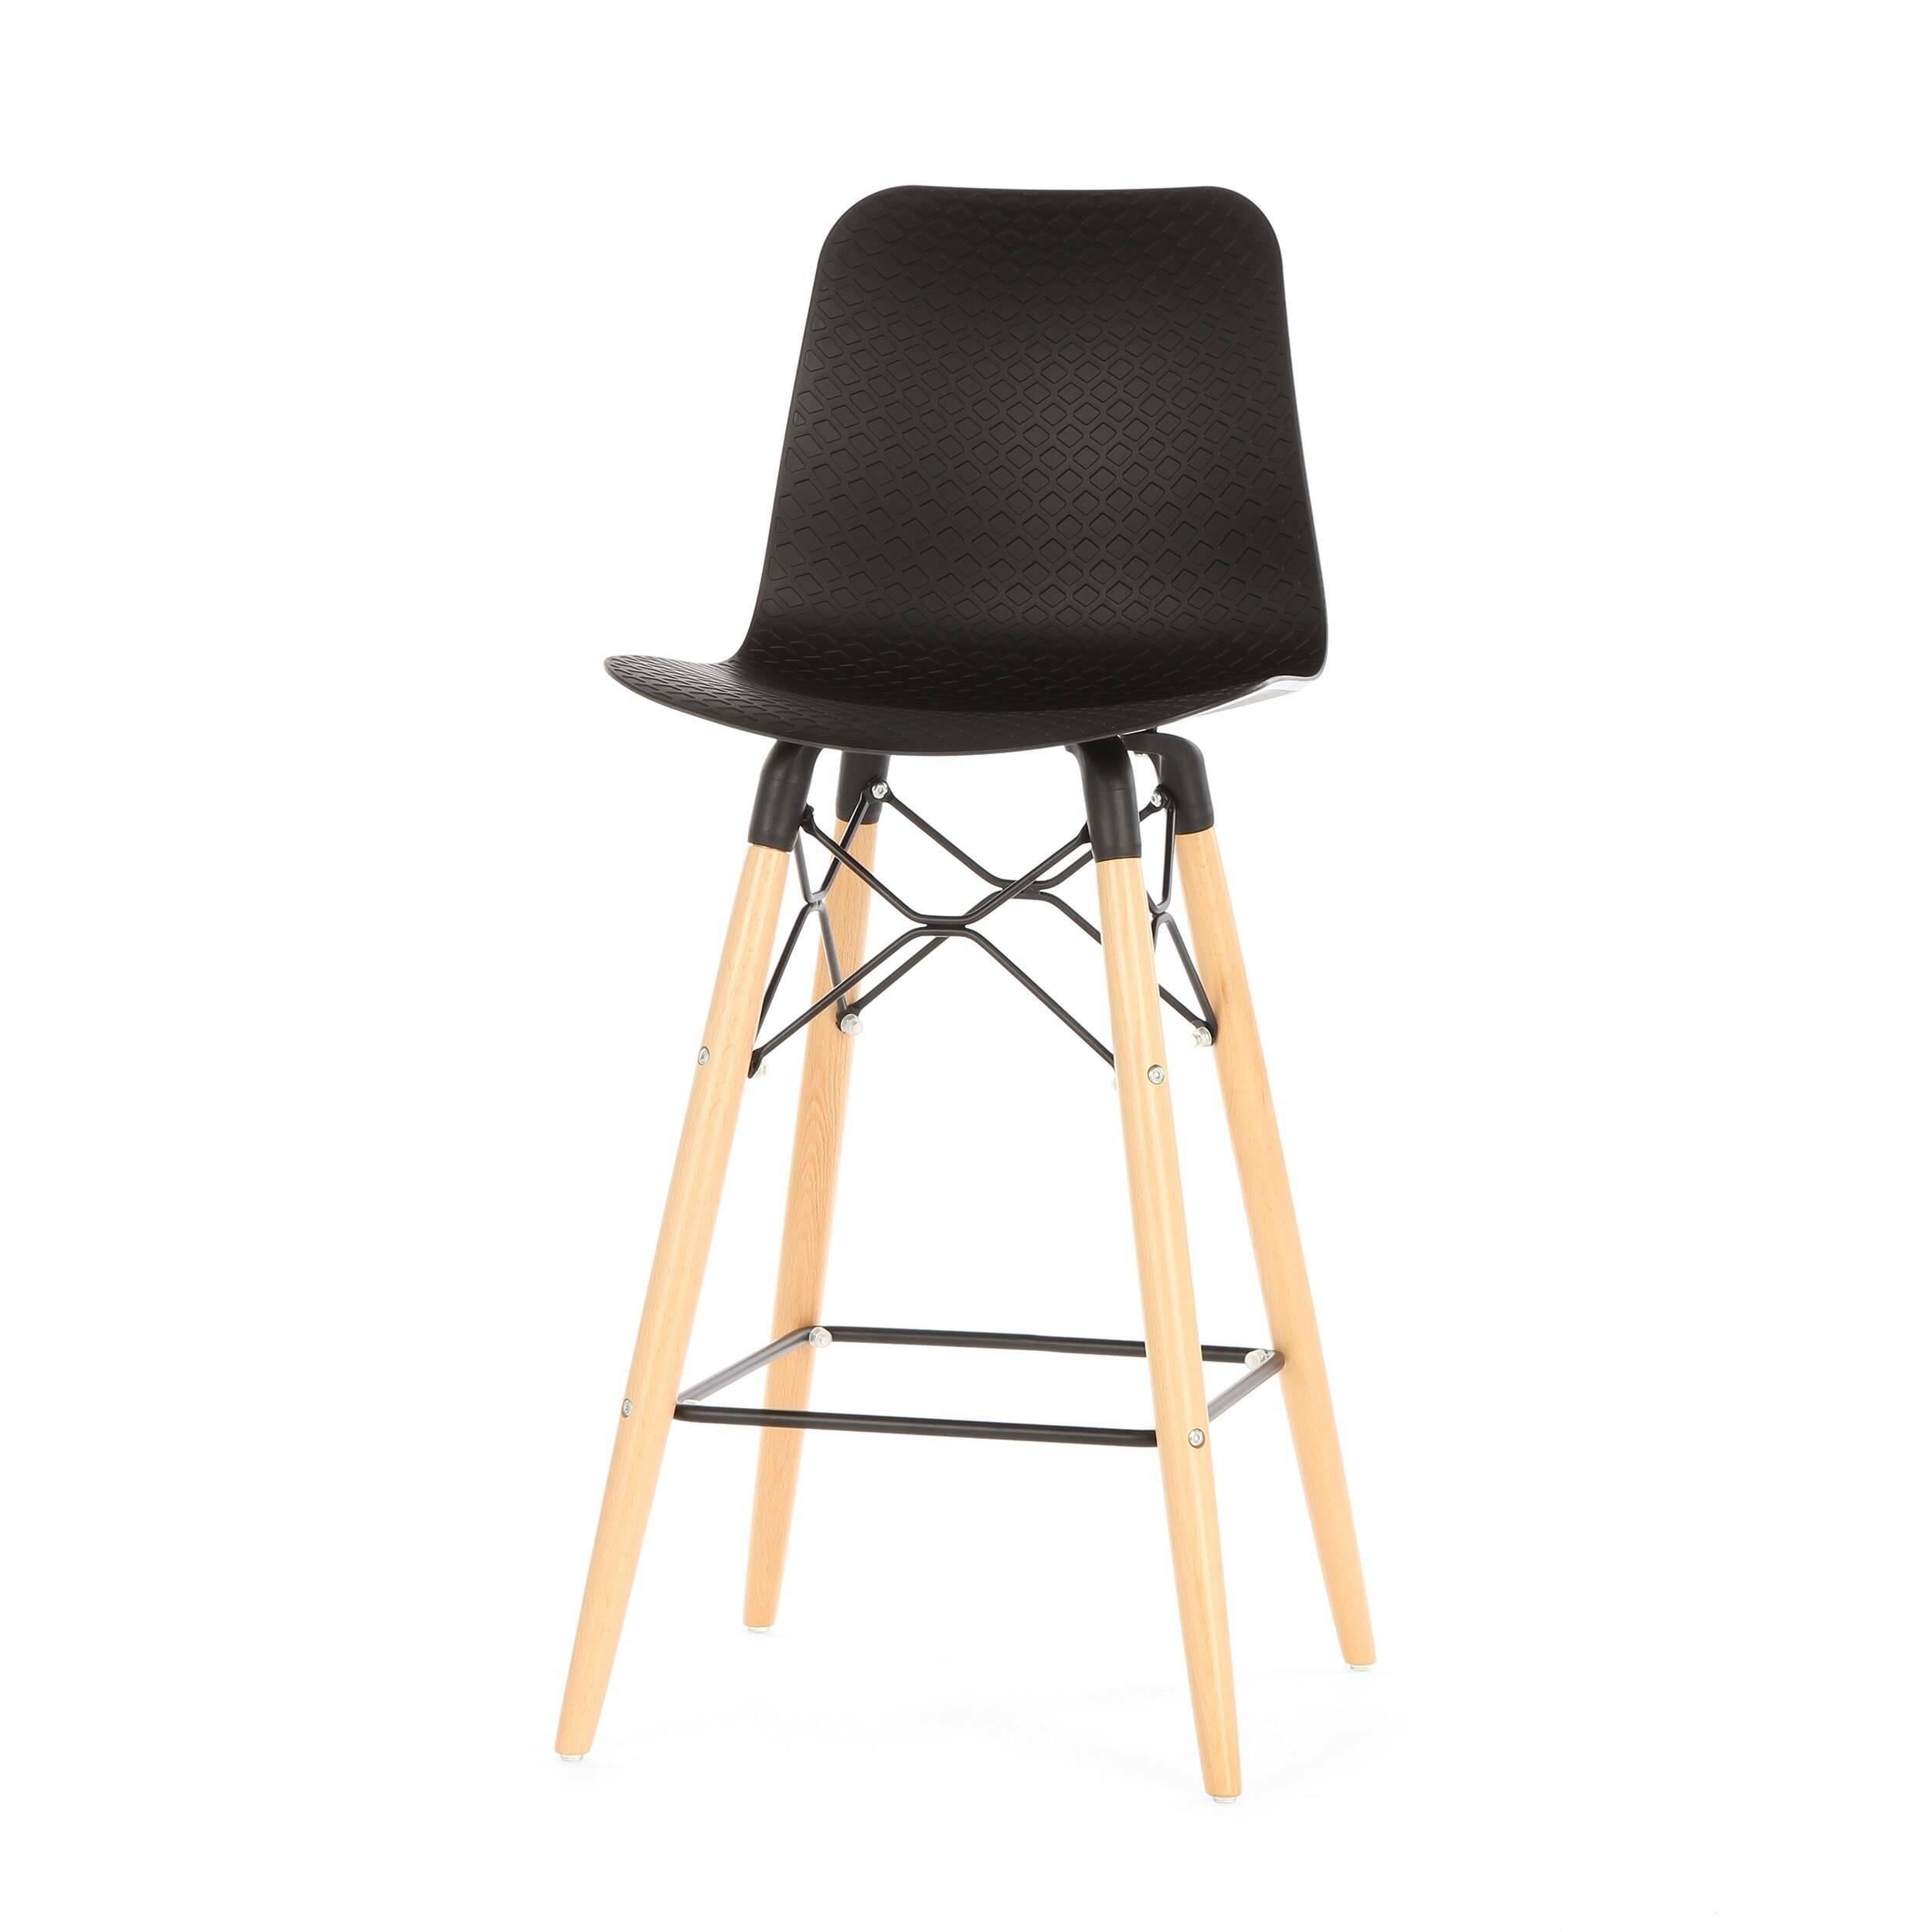 Полубарный стул EiffelПолубарные<br>Полубарный стул Eiffel — это инновационная модель, которая стала результатом гармоничного смешения разных стилей. Наиболее ярко в дизайне данной модели прослеживается стиль хай-тек — стильные черный и белый цвета, плавные изгибы, минимальное количество деталей и необыкновенно красивый внешний вид.<br><br><br> Хай-тек проявляет себя в данном стуле и в качестве материалов, которые используются для его создания. Спинка и сиденье сделаны из полипропилена — очень легкого, но прочного материала. Эта ...<br><br>stock: 20<br>Высота: 103.5<br>Высота сиденья: 68<br>Ширина: 47<br>Глубина: 47.5<br>Цвет ножек: Светло-коричневый<br>Материал ножек: Массив бука<br>Тип материала каркаса: Сталь<br>Цвет сидения: Черный<br>Тип материала сидения: Полипропилен<br>Тип материала ножек: Дерево<br>Цвет каркаса: Черный